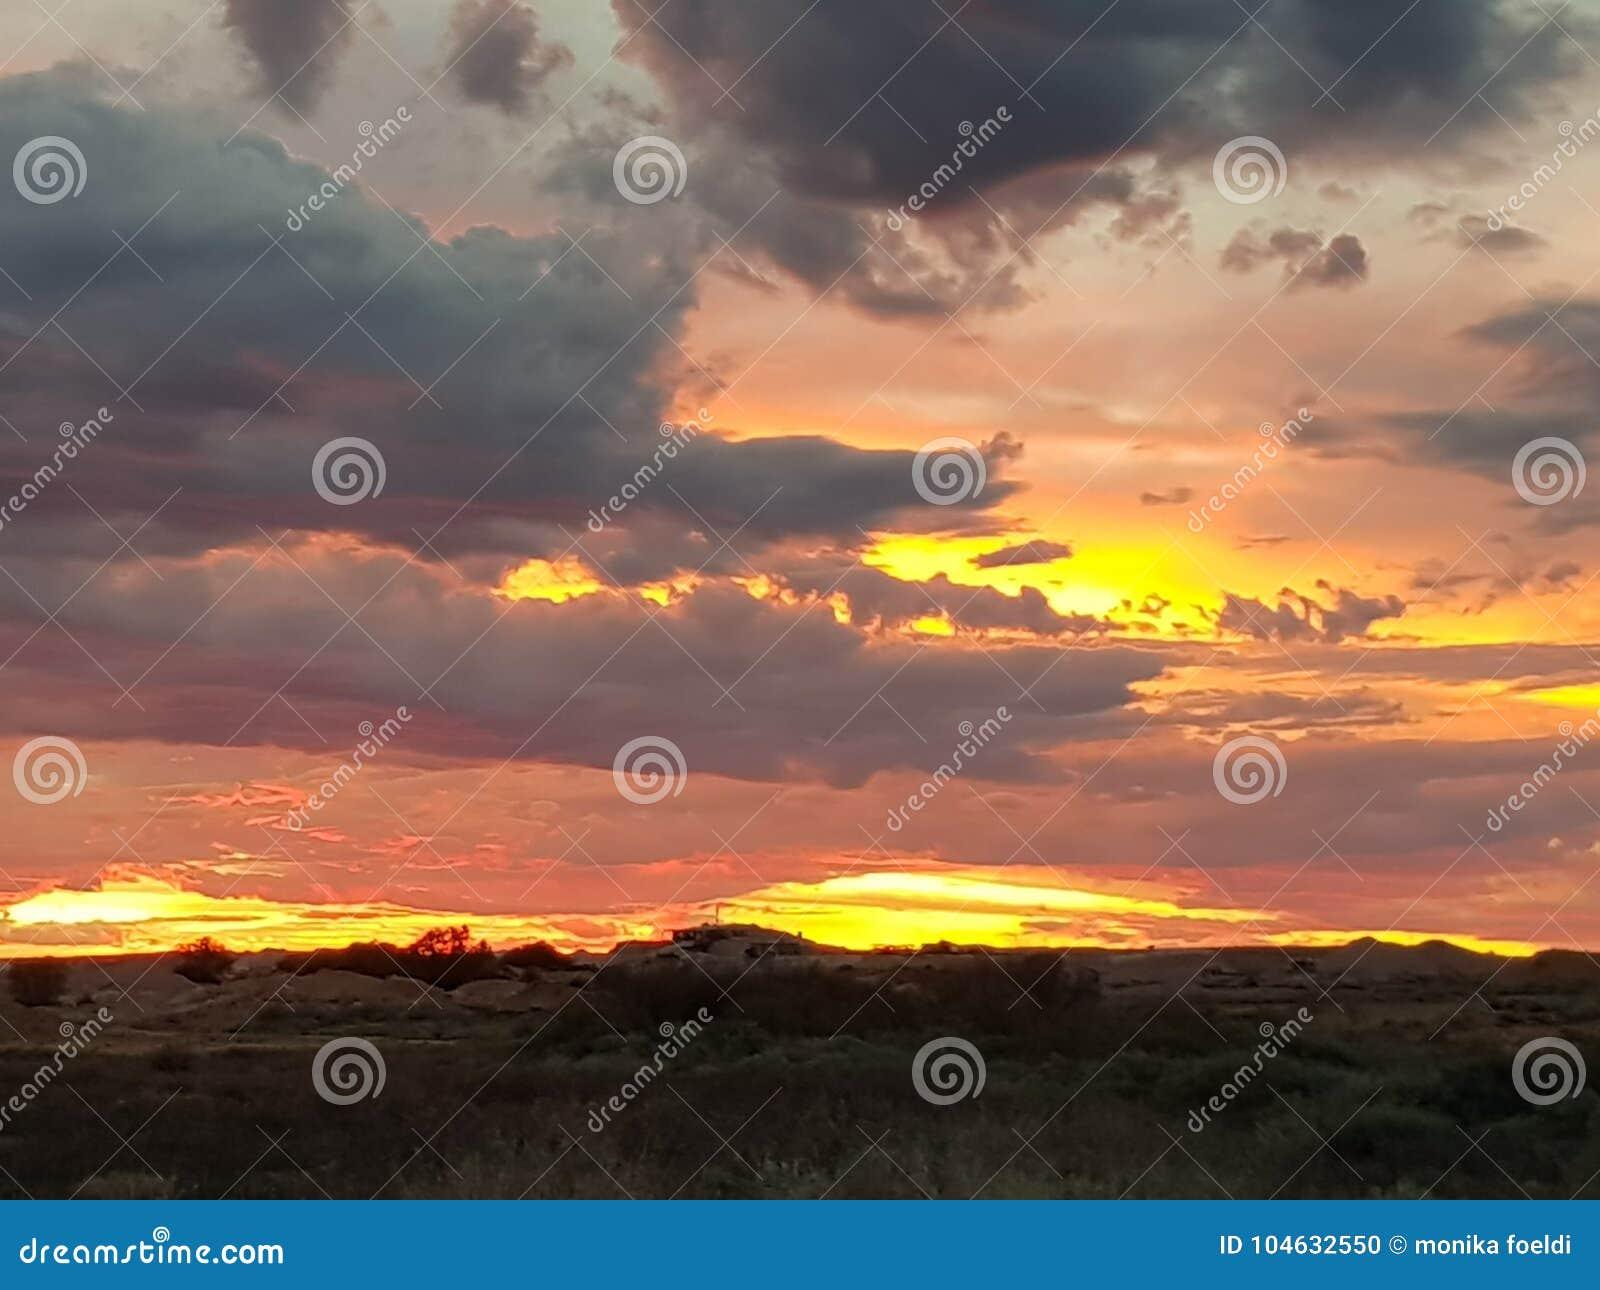 Download Coober Pedy Zon Geplaatst Zuid-Australië Stock Foto - Afbeelding bestaande uit heuvel, zonsopgang: 104632550